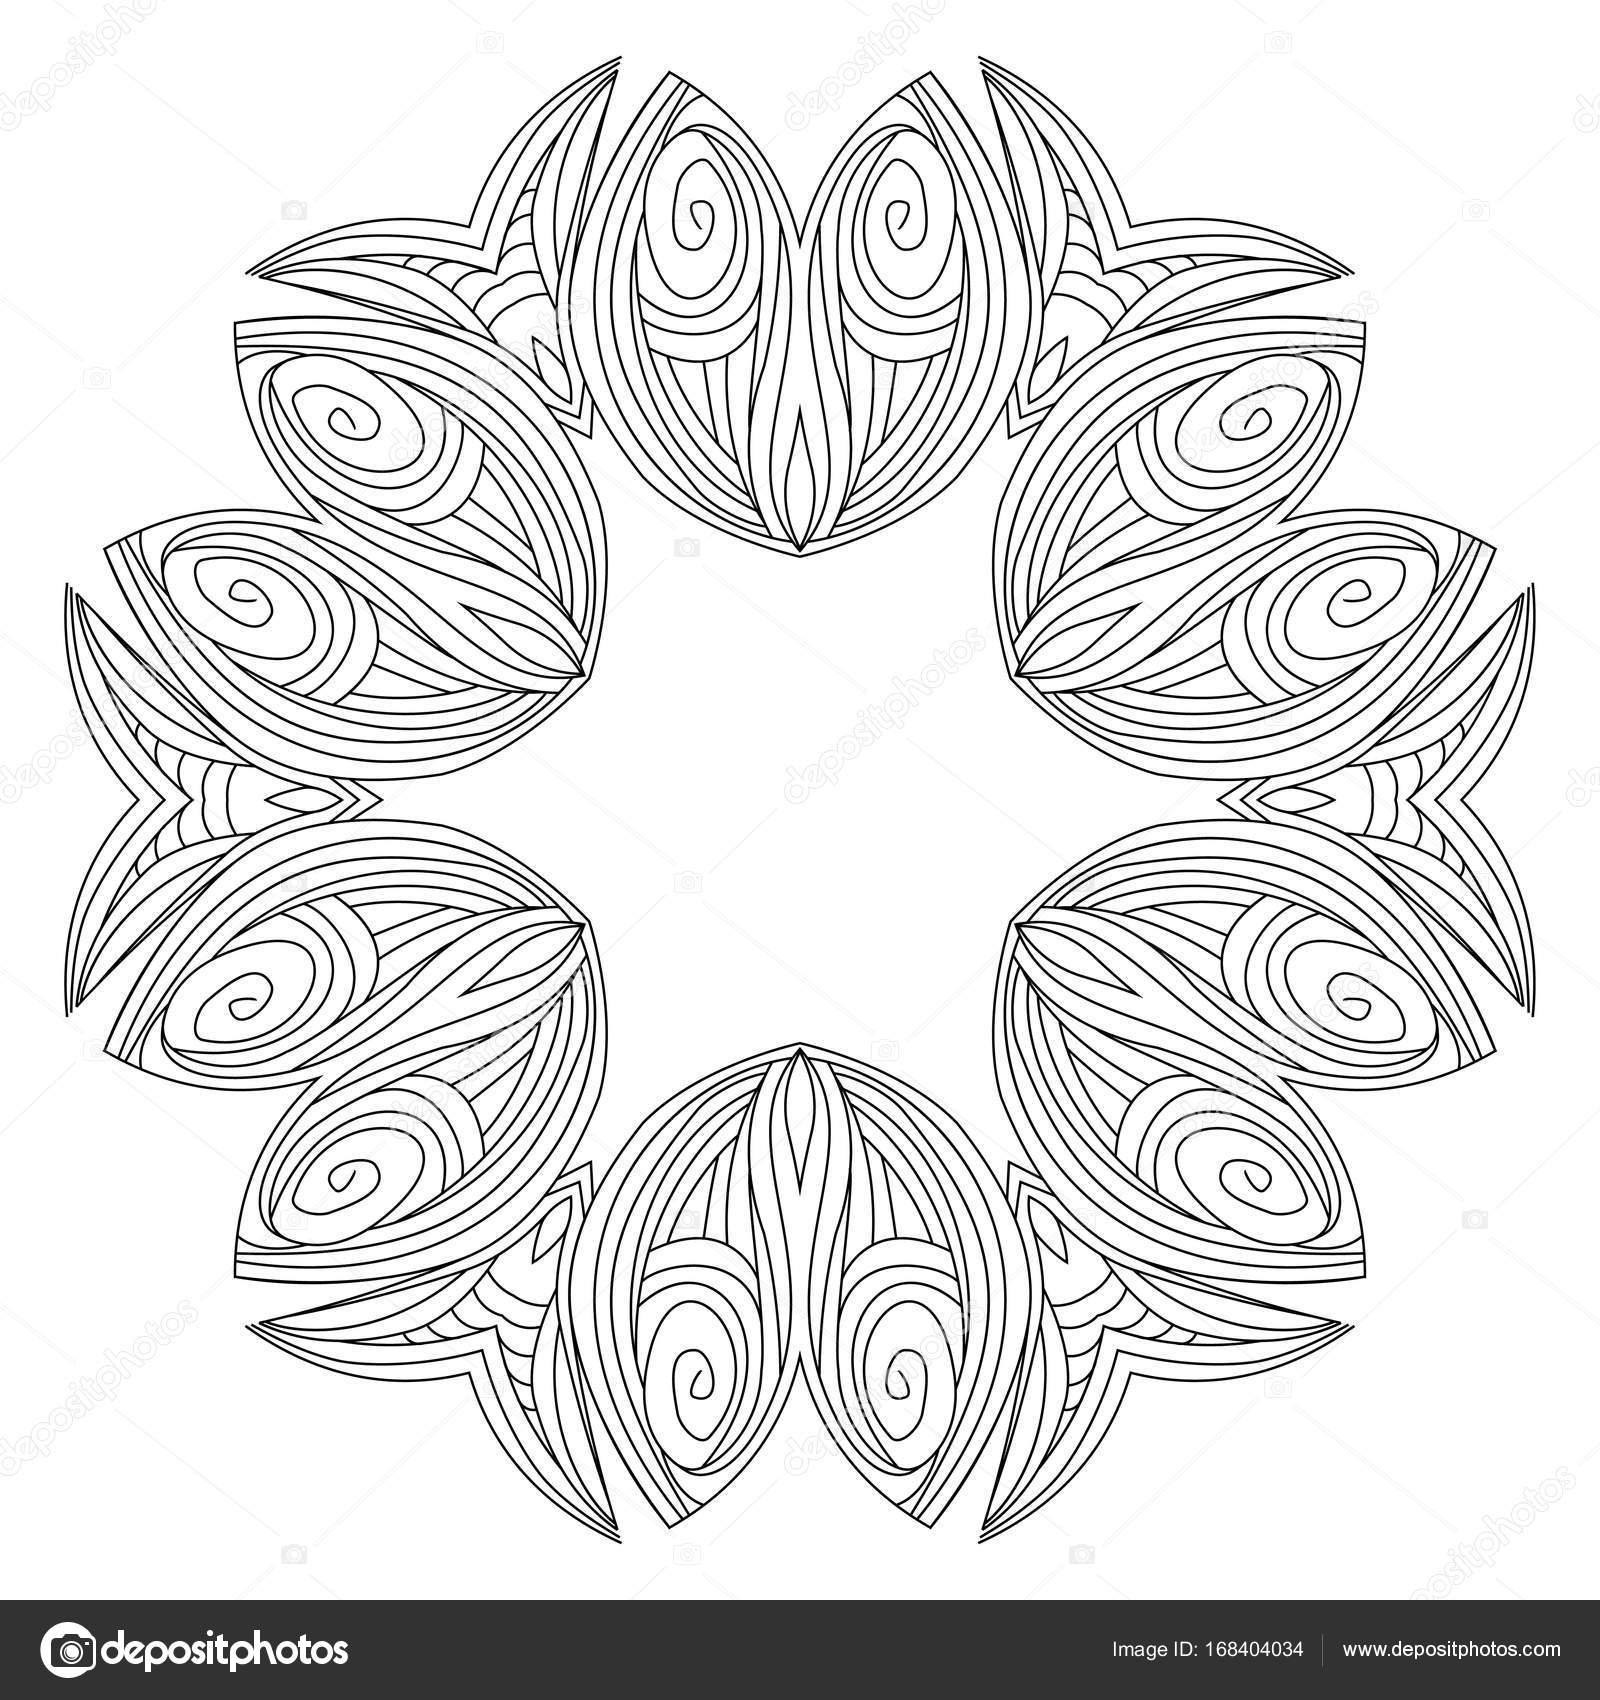 Vectores Geometricos Y Flores Alrededor De Mandala Modelo Oriental